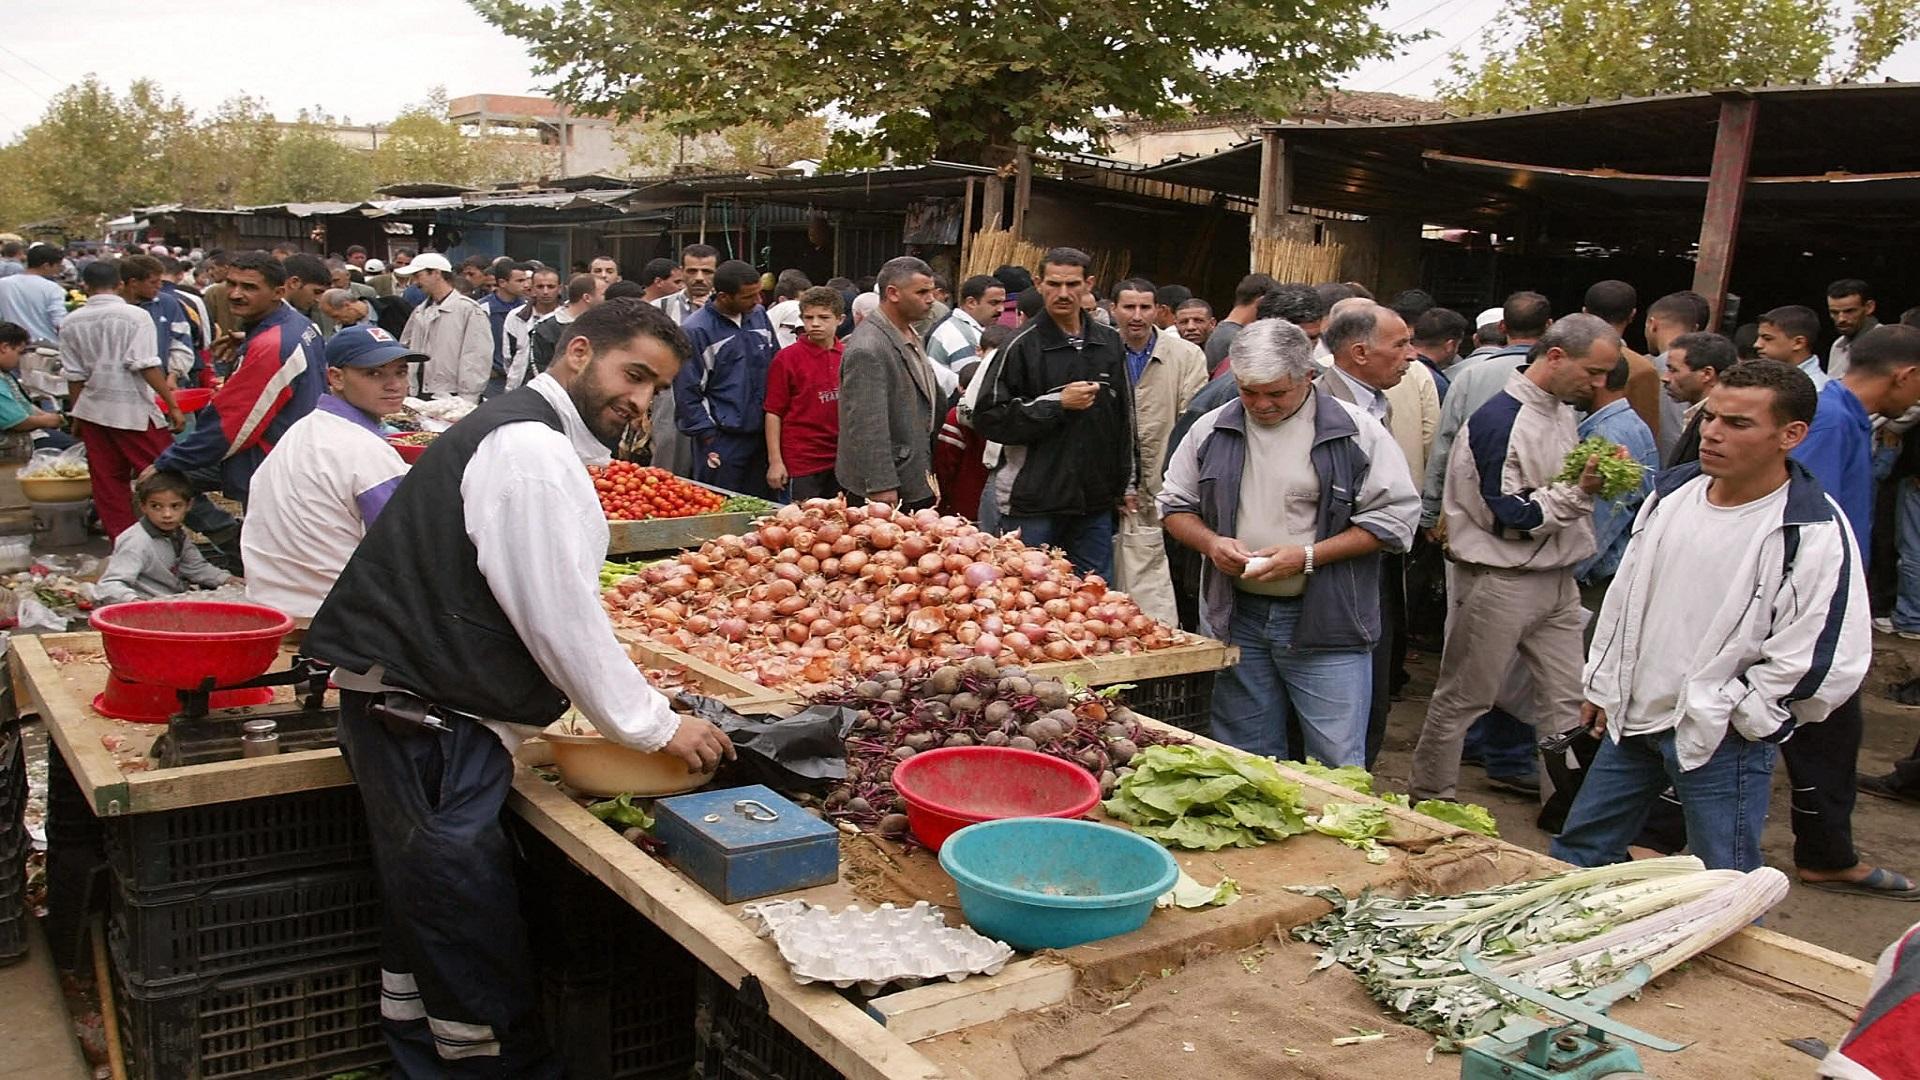 الجزائر تنافس على المرتبة الأولى إفريقيا في تموين سوق موريتانيا